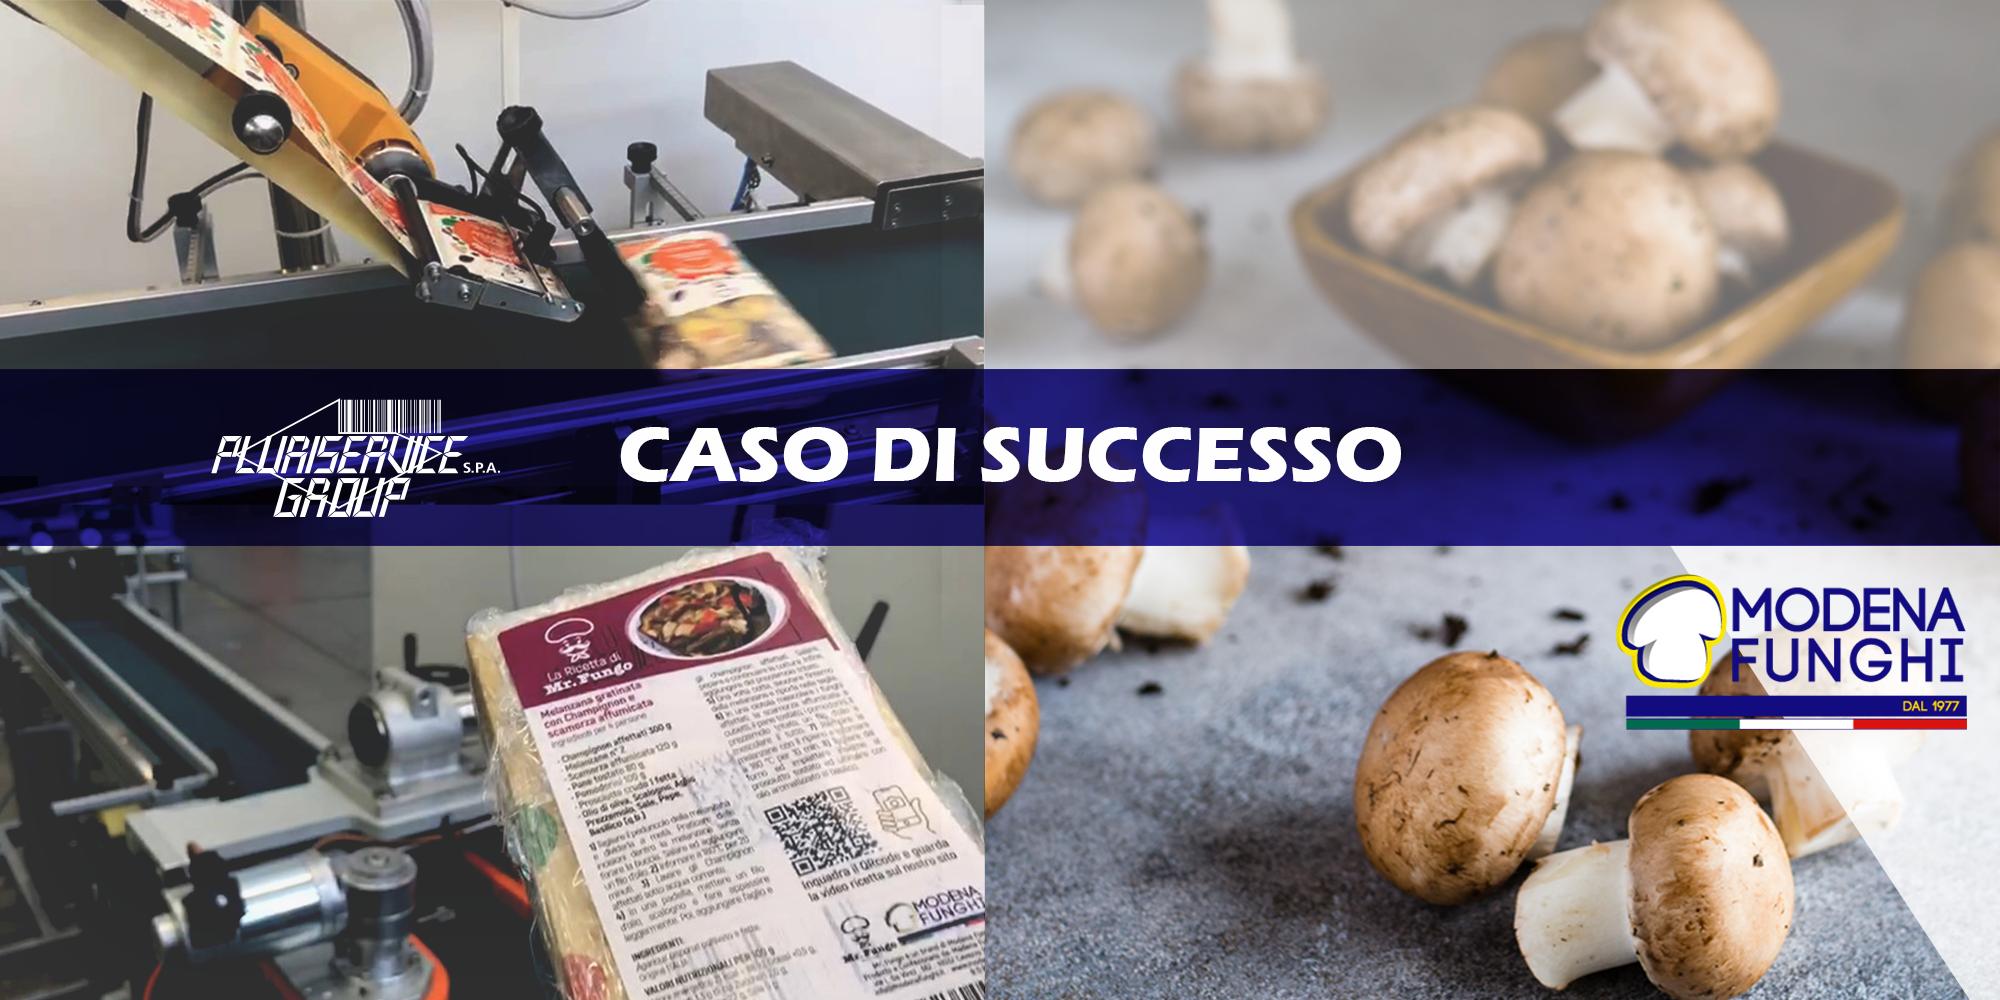 Modena Funghi sceglie Pluriservice per il sistema di etichettatura automatica